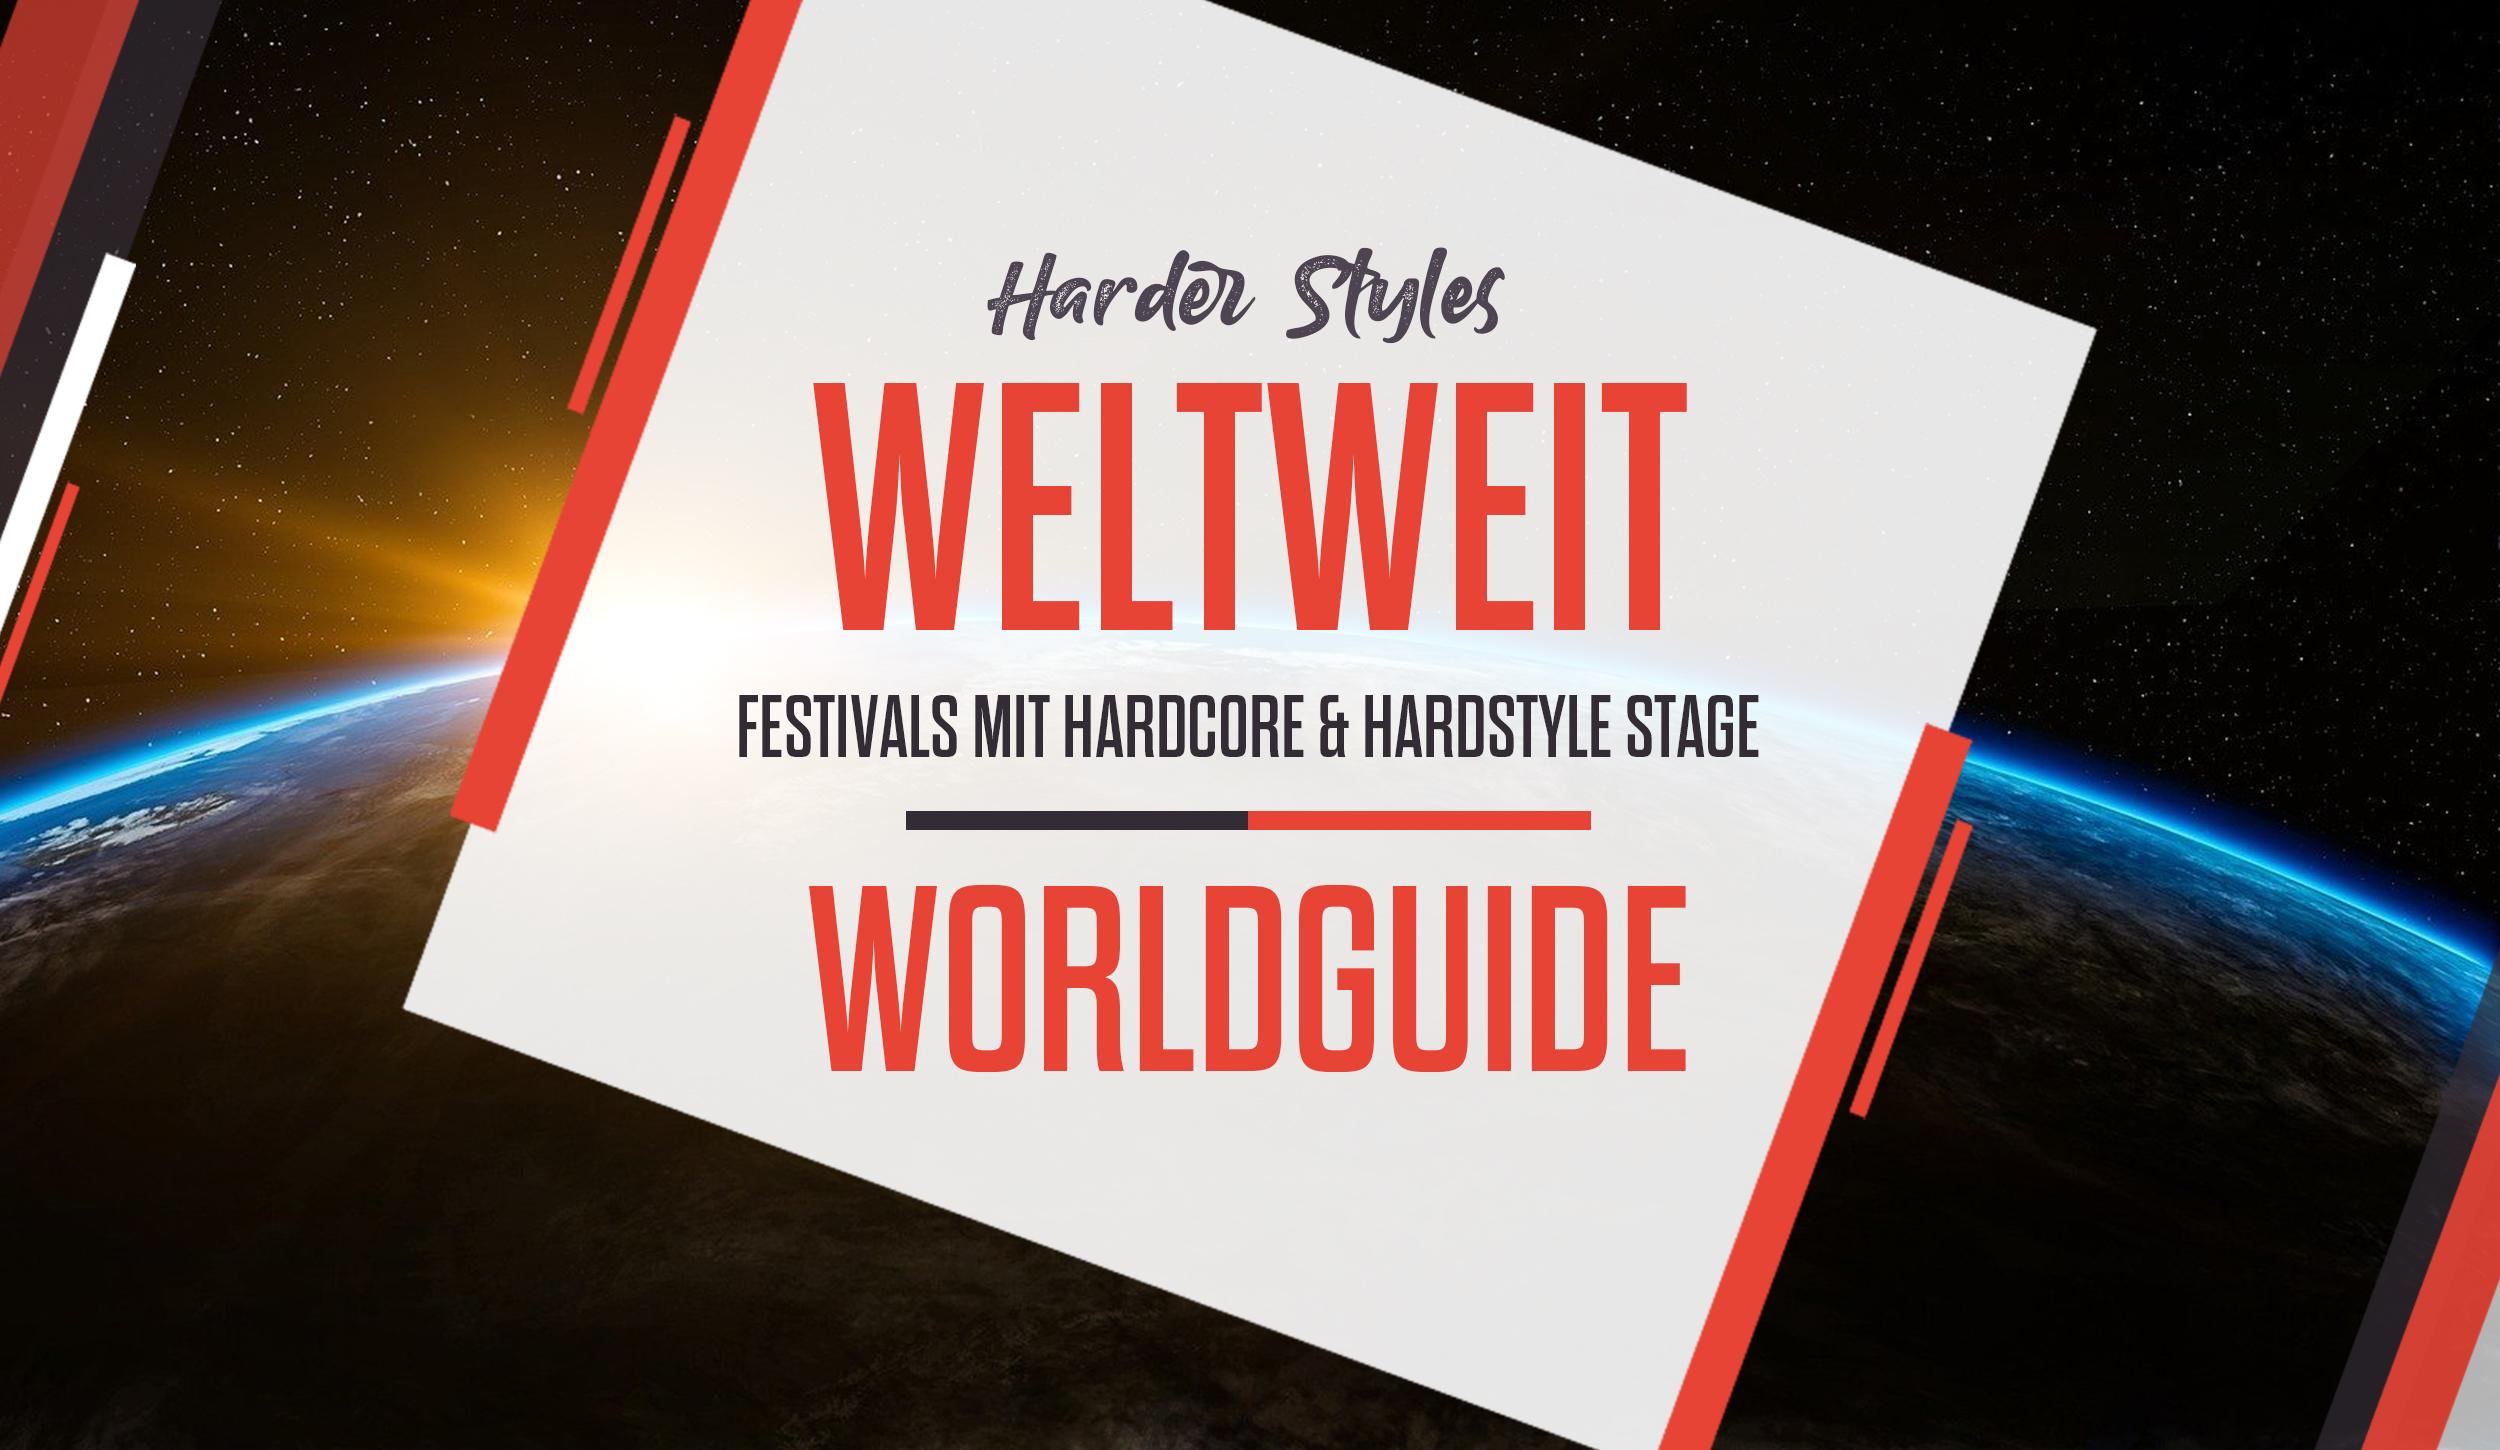 Harder Styles weltweit